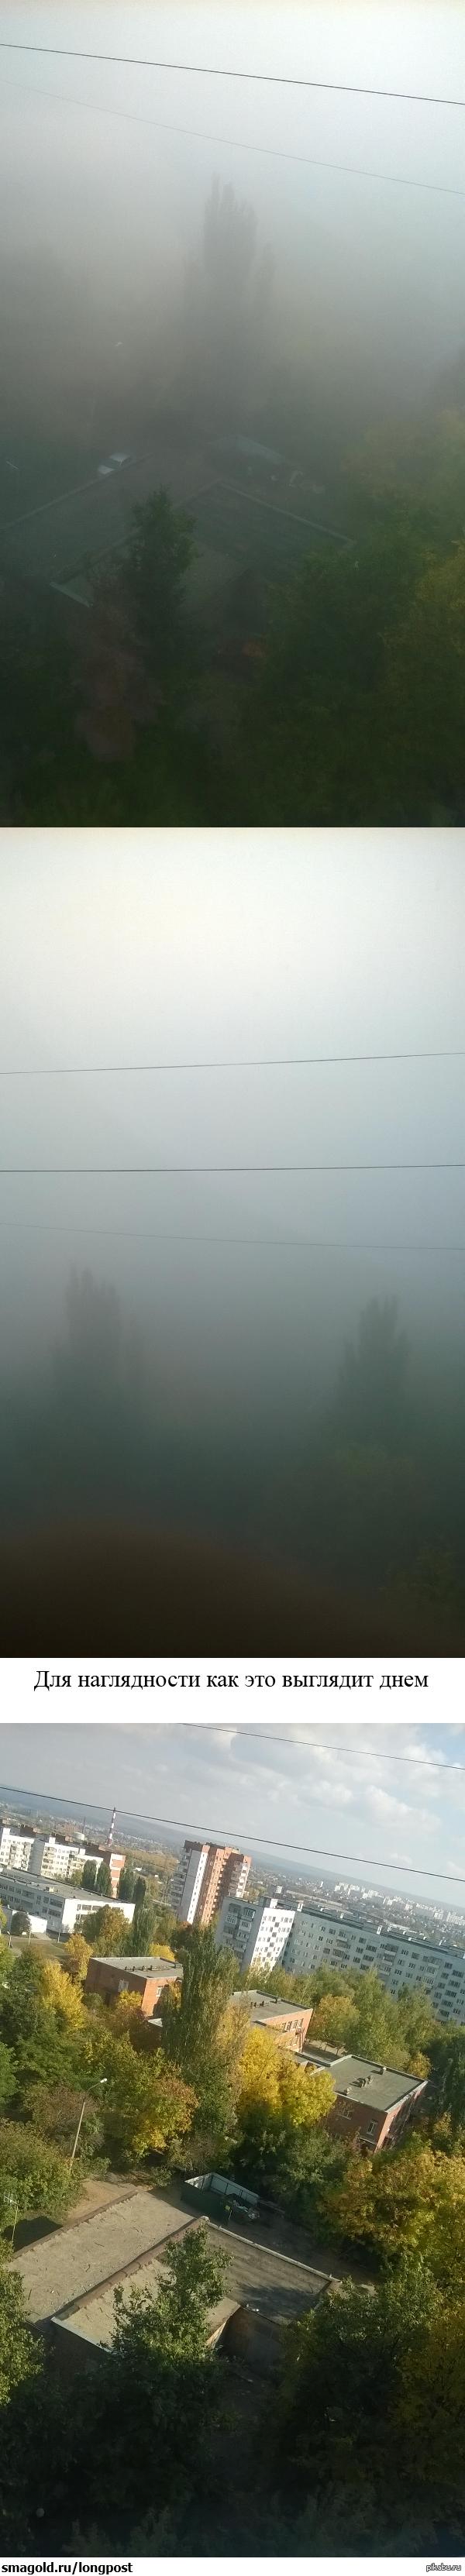 Заснул в Пензе проснулся в Сайлент Хилл Вот такой туман был сегодня утром